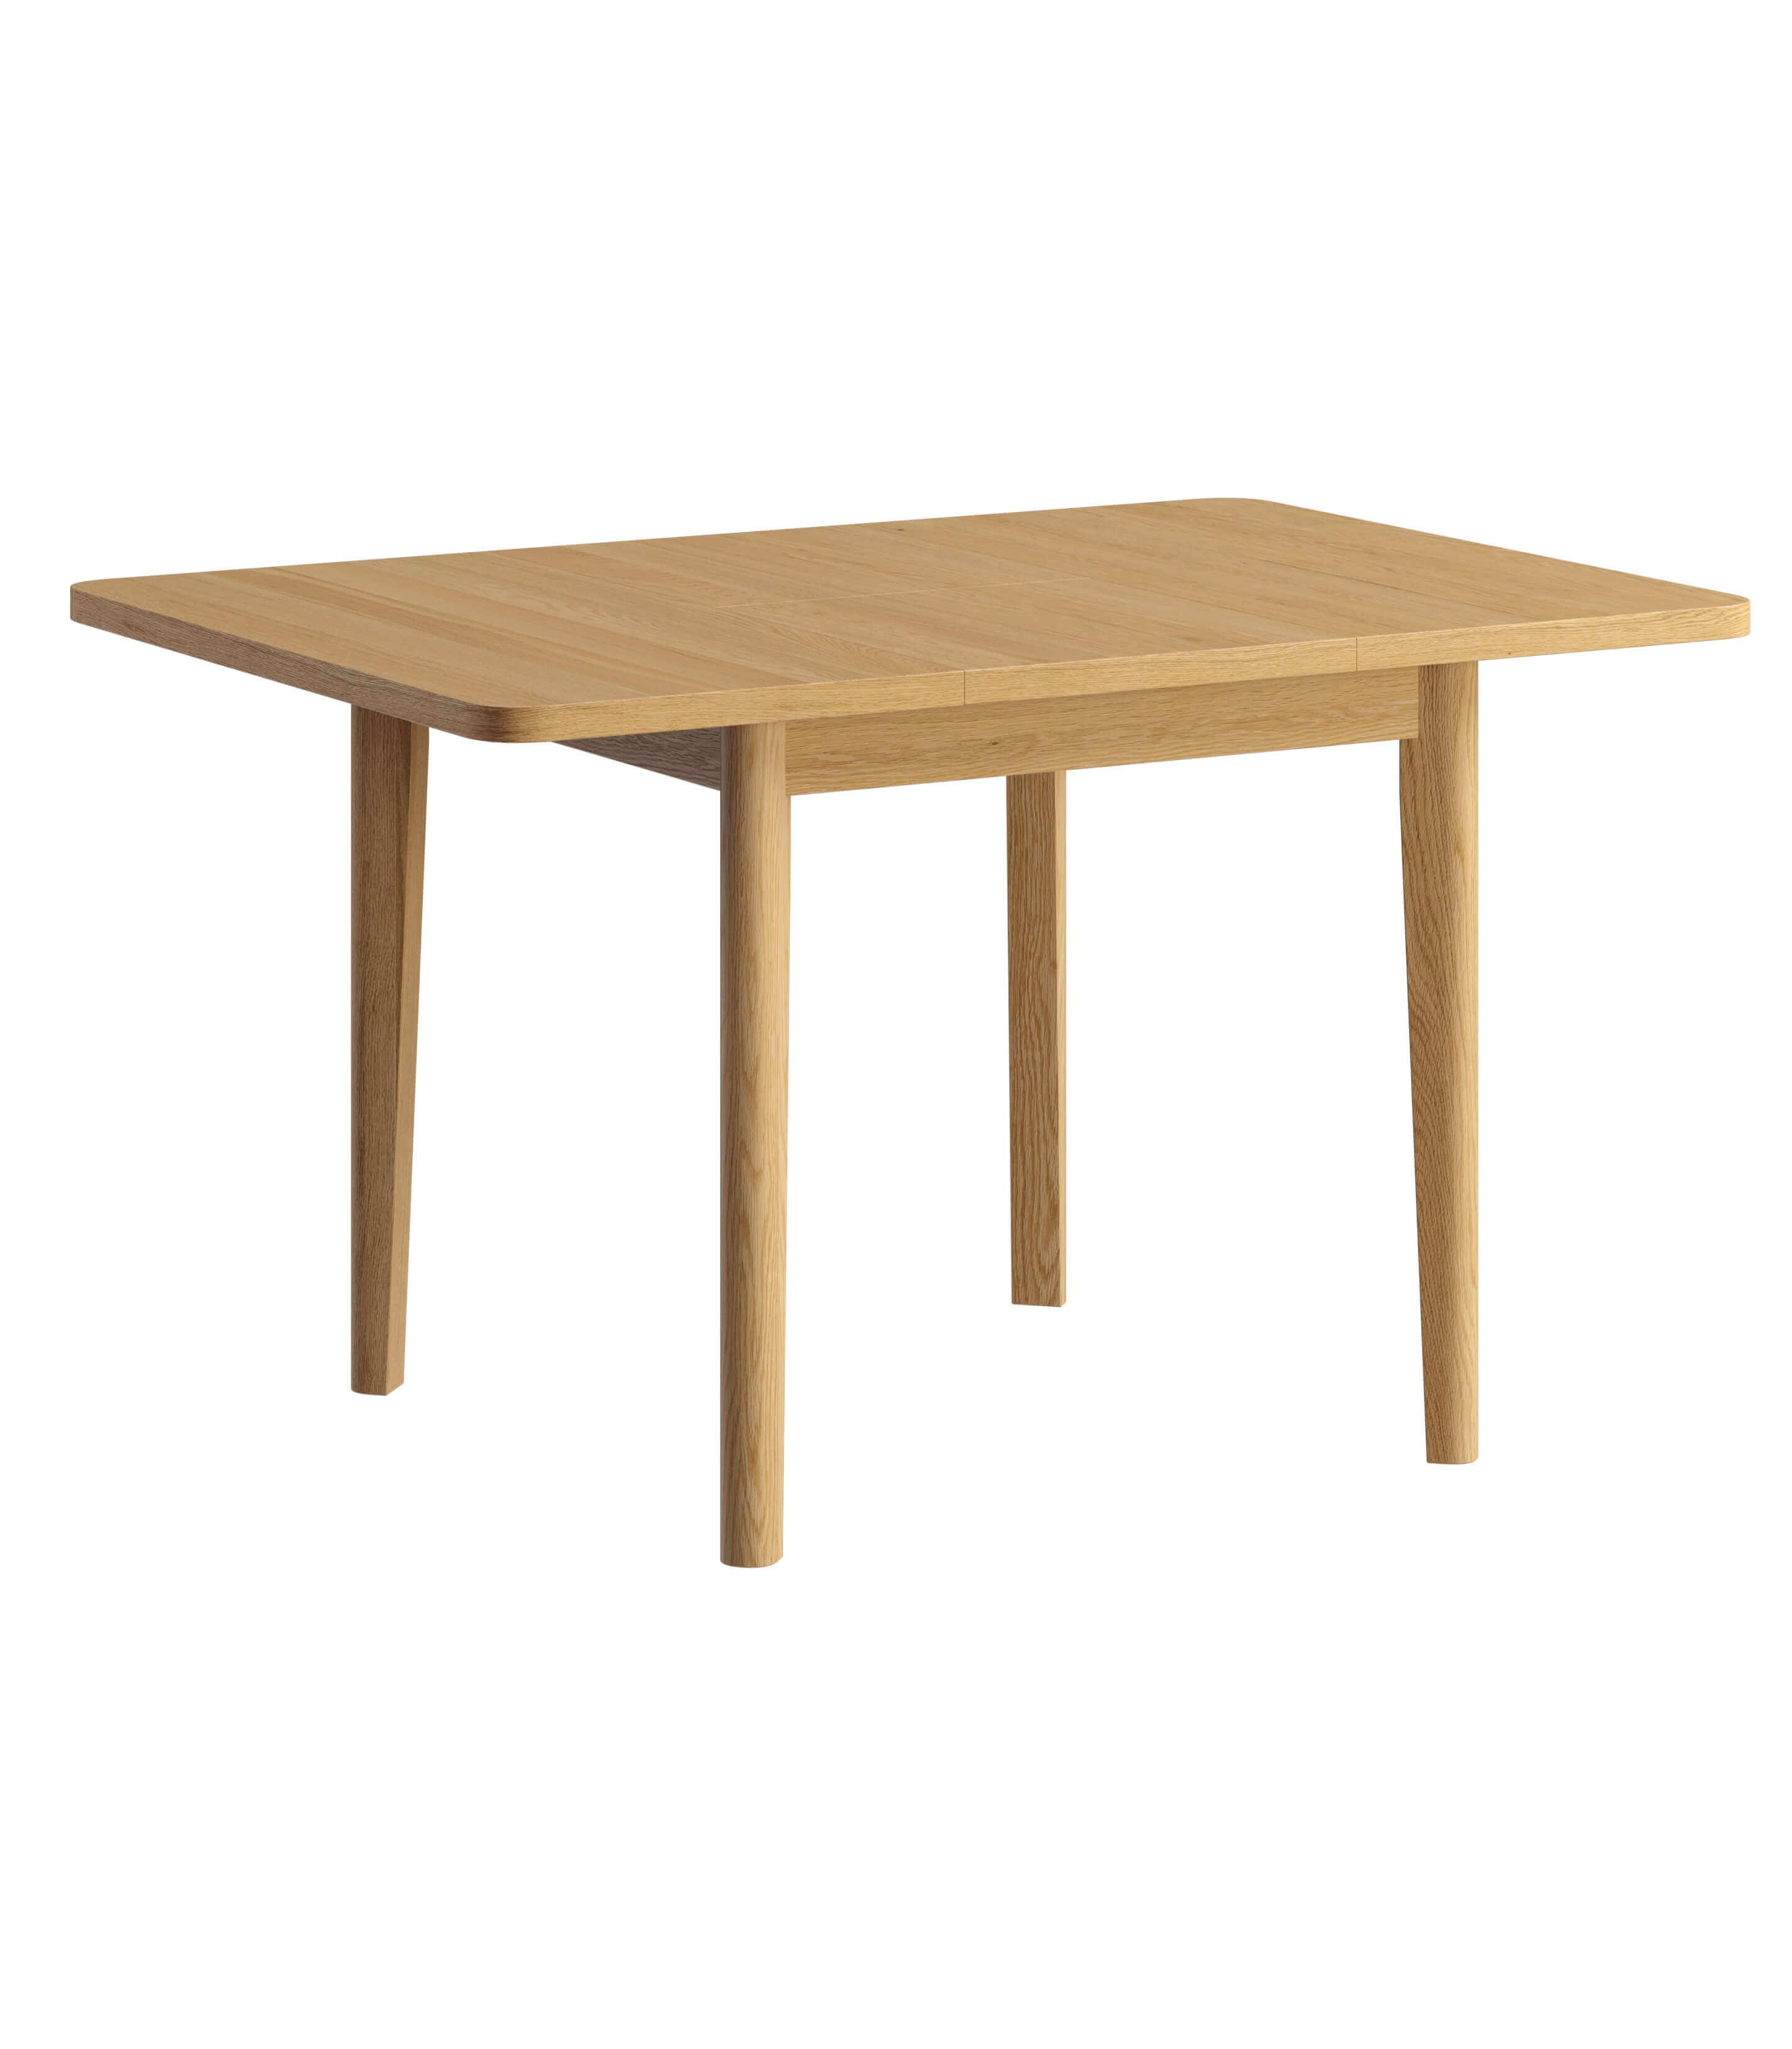 maly rozkladany stol skandynawski dab